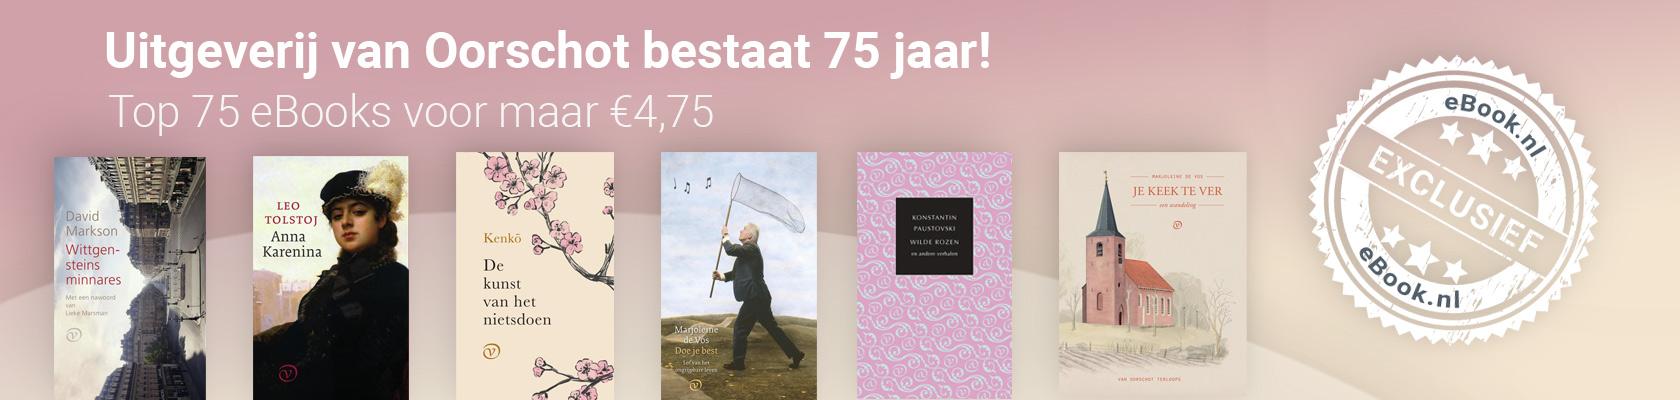 Top 75 eBooks van Uitgeverij van Oorschot